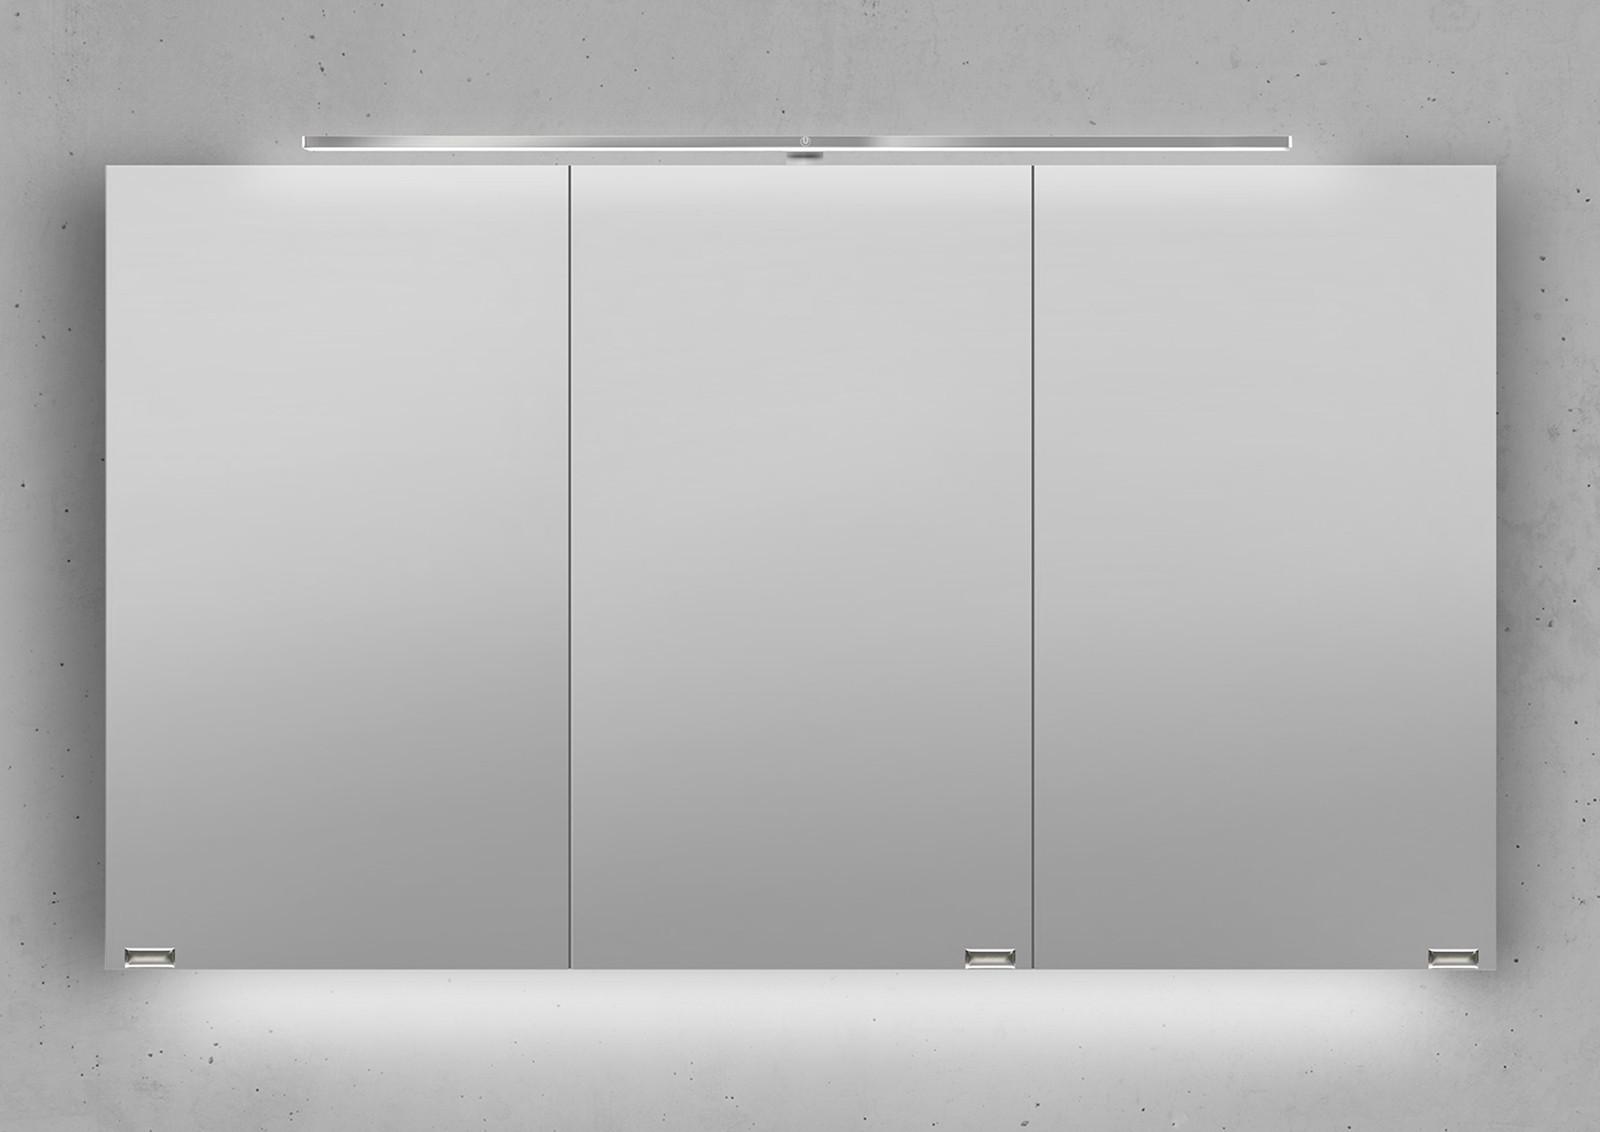 Spiegelschrank 120 cm led beleuchtung mit farbwechsel for Spiegelschrank 120